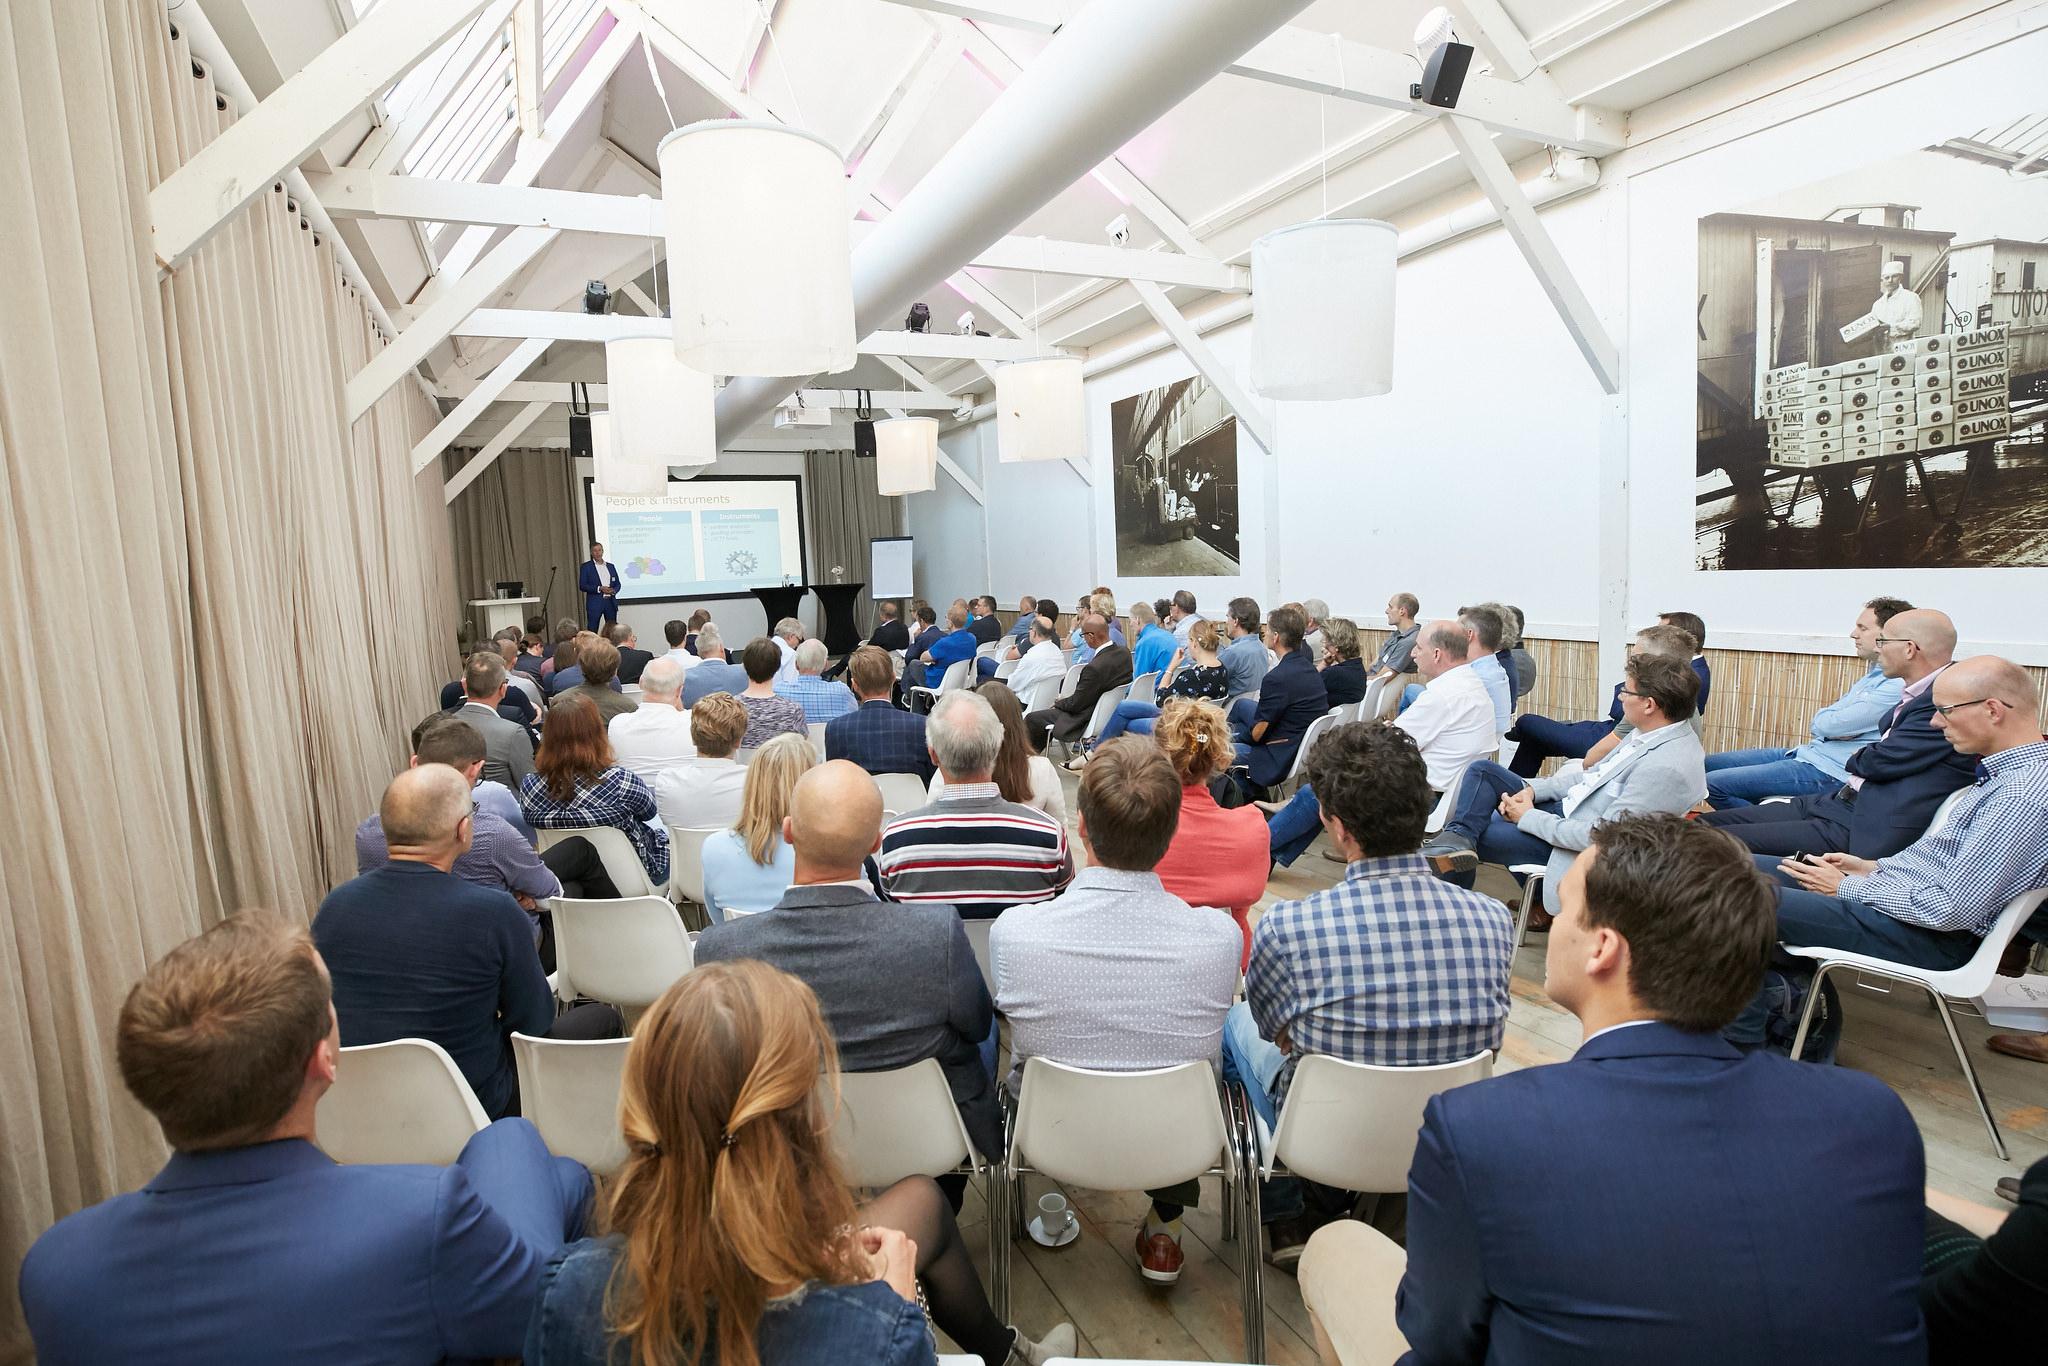 Blick in einen gefüllten Vortragssaal